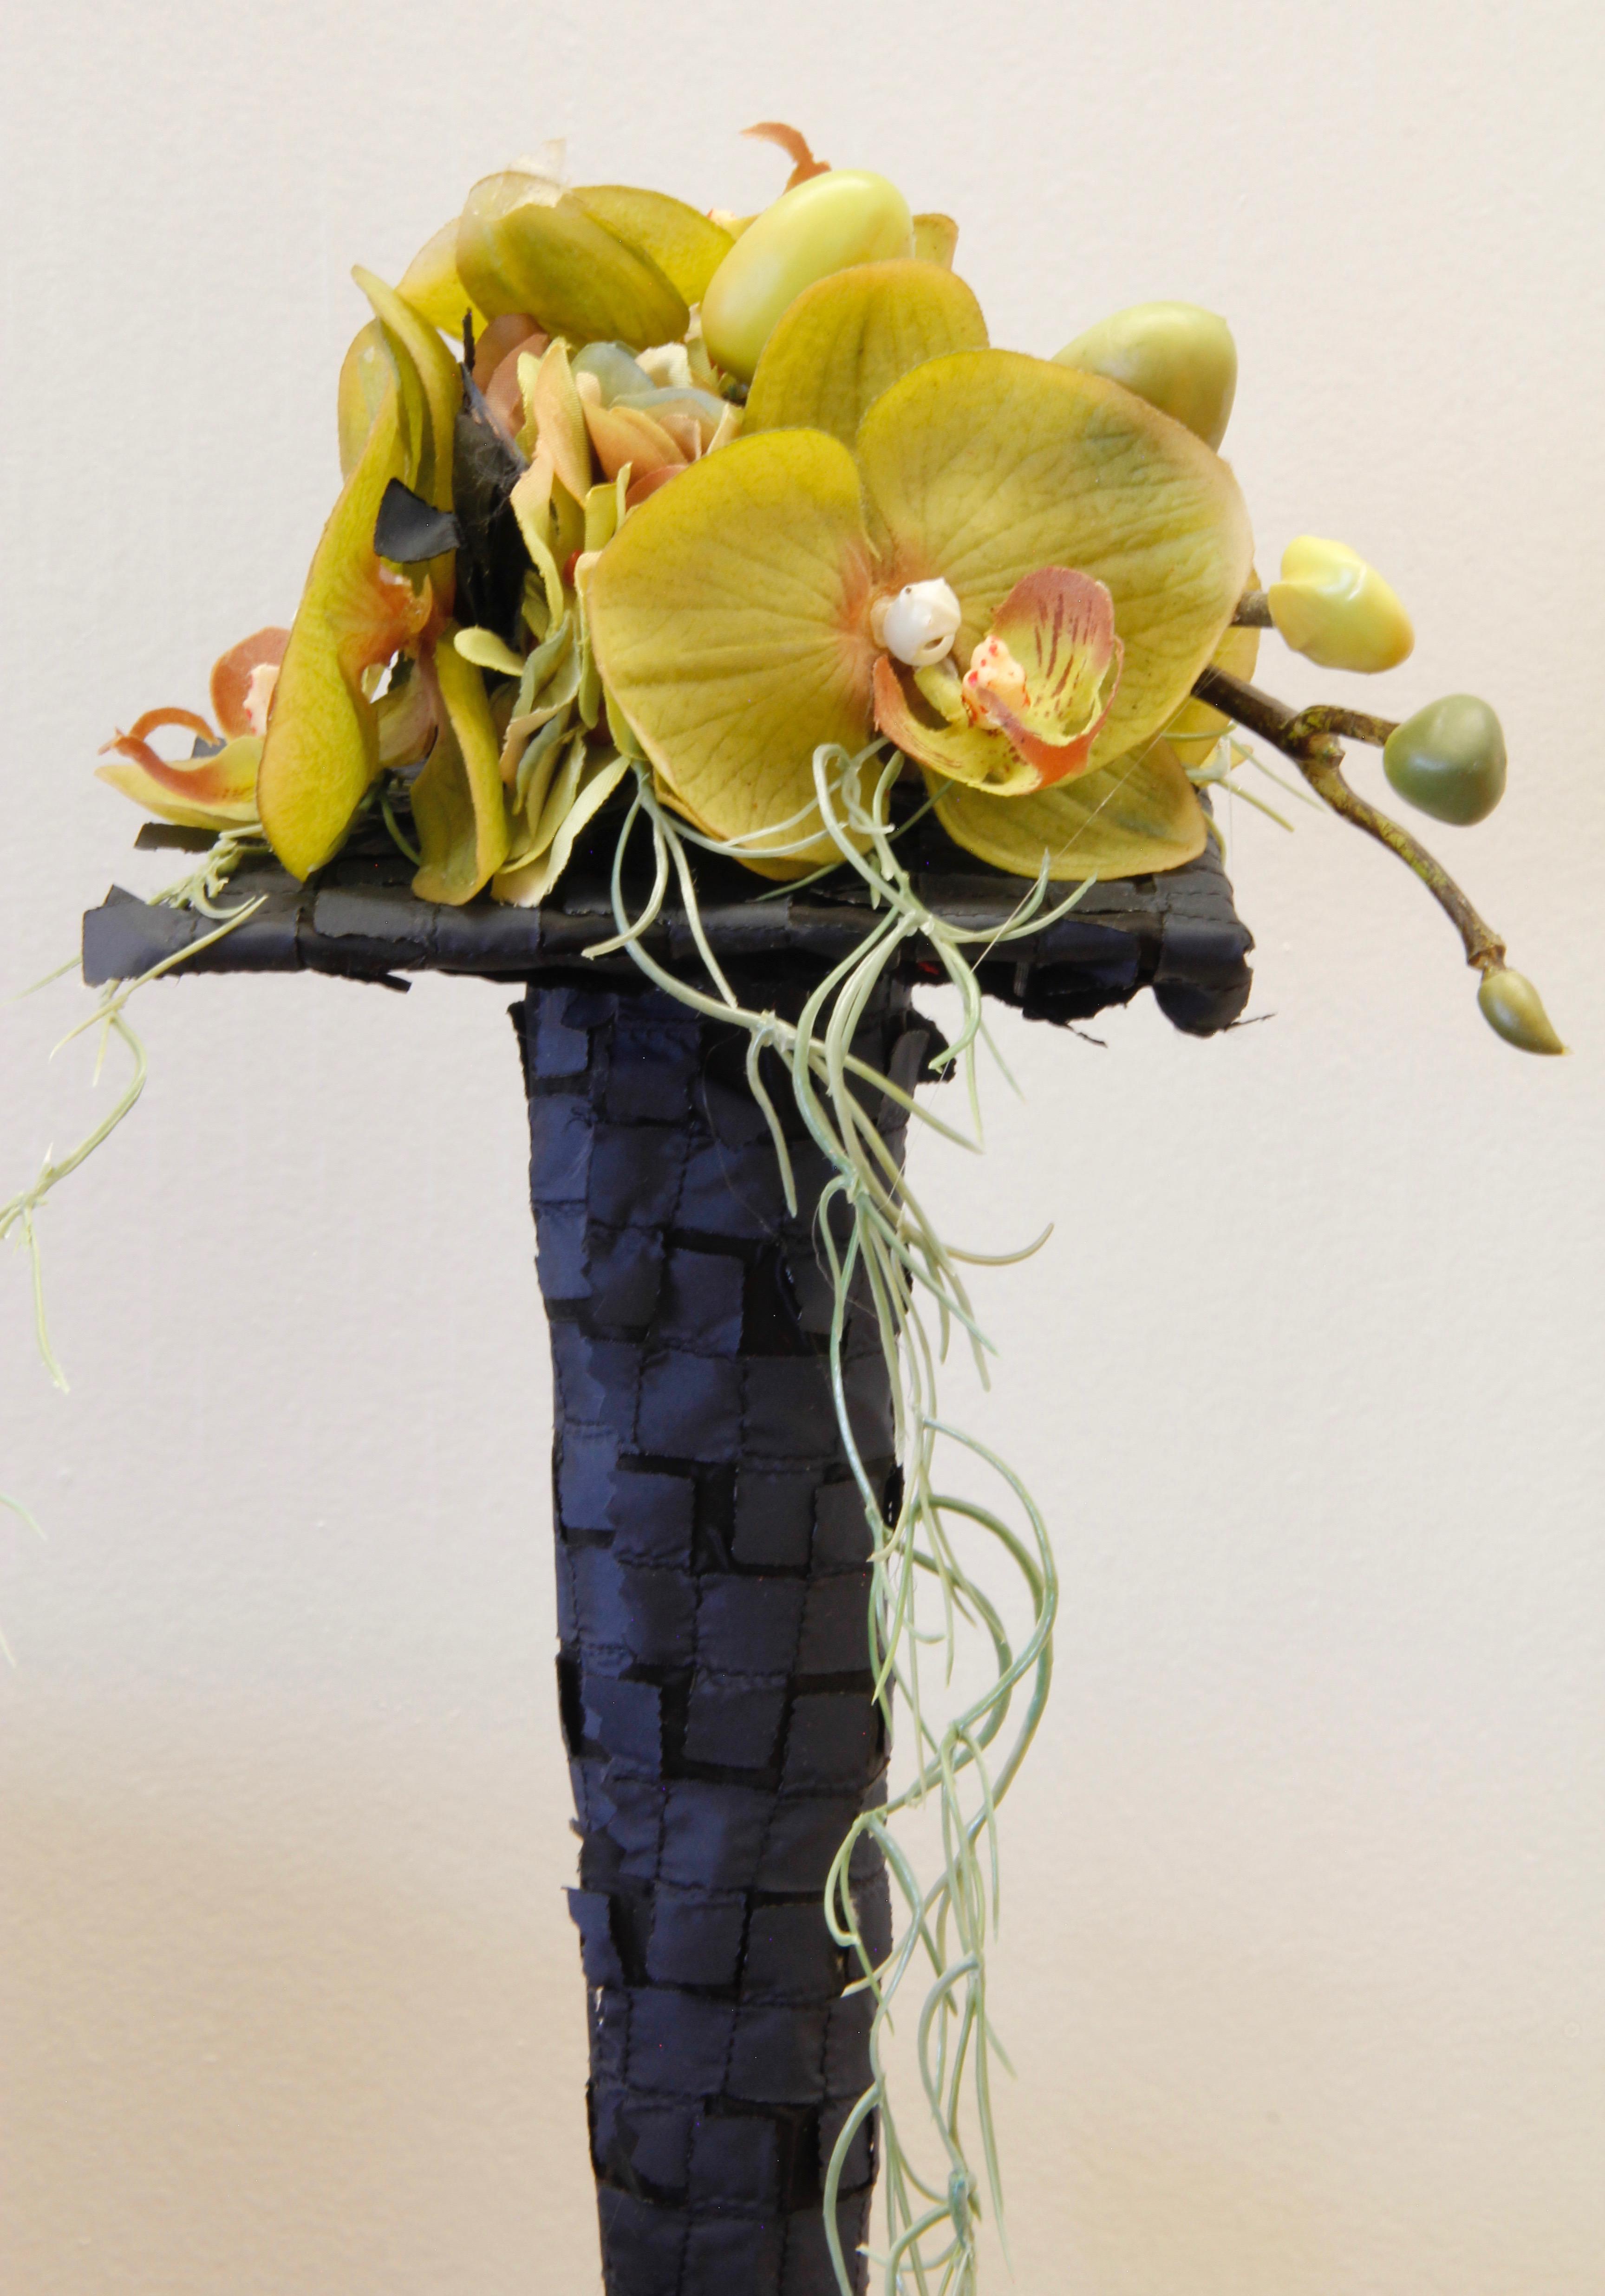 Blüten asu den Tüten